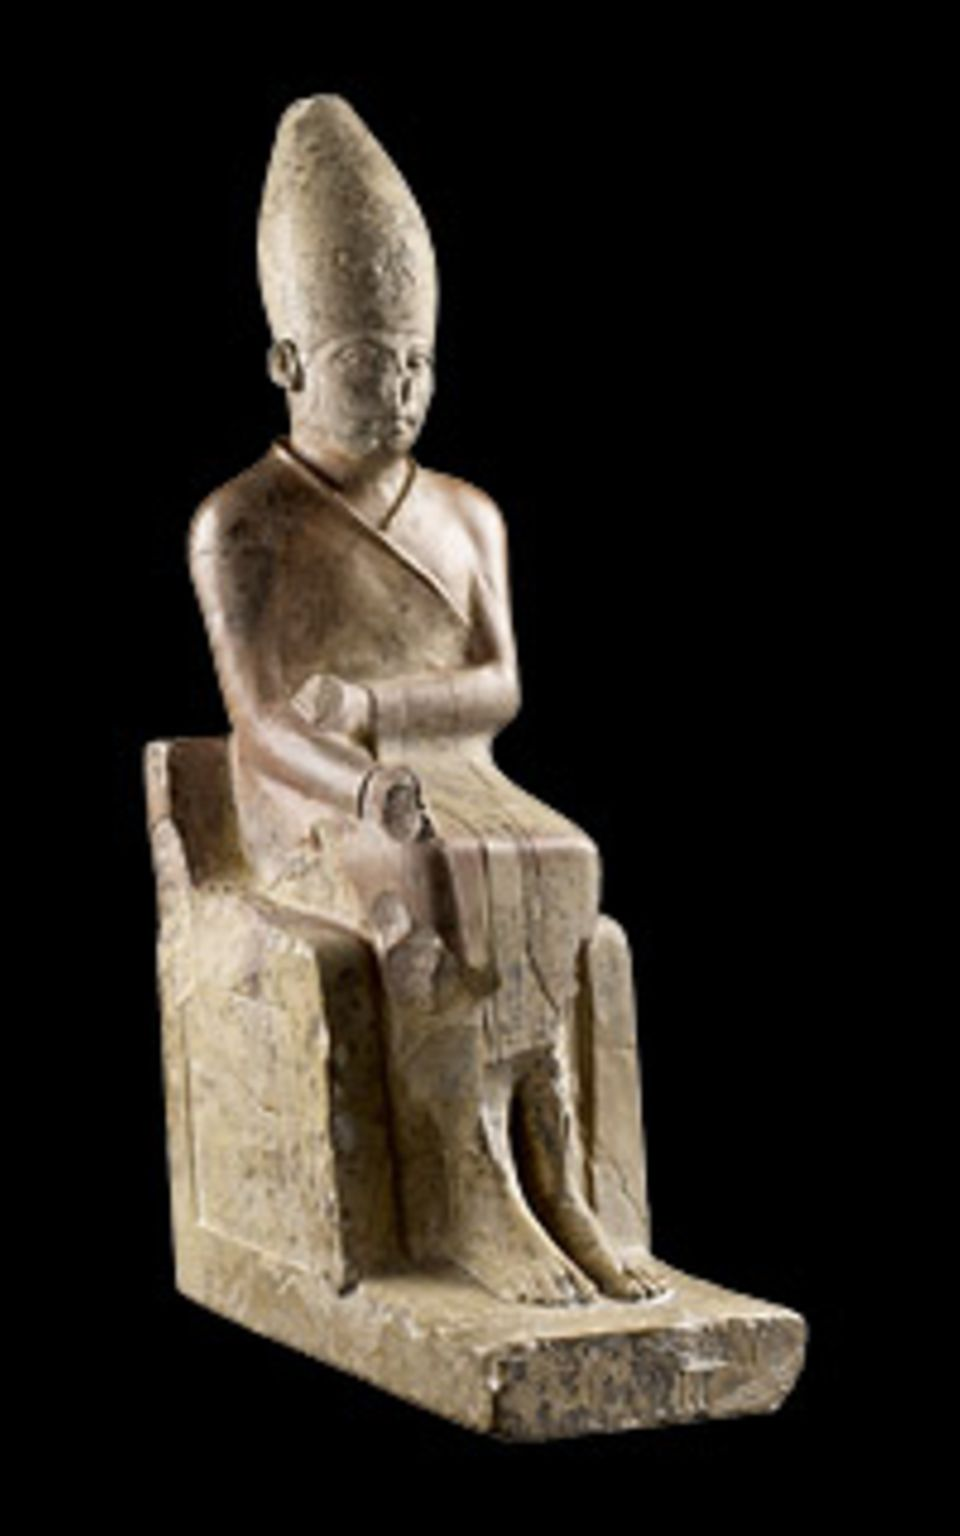 GEO EPOCHE Edition: In einem eng anliegenden Mantel, wie ihn Pharaonen zu Jubiläumsfesten tragen, sitzt König Chasechemui auf seinem Thron. Diese Figur und ihr dunkleres Pendant sind die ältesten erhaltenen Statuen eines ägyptischen Herrschers (um 2720 v. Chr.)